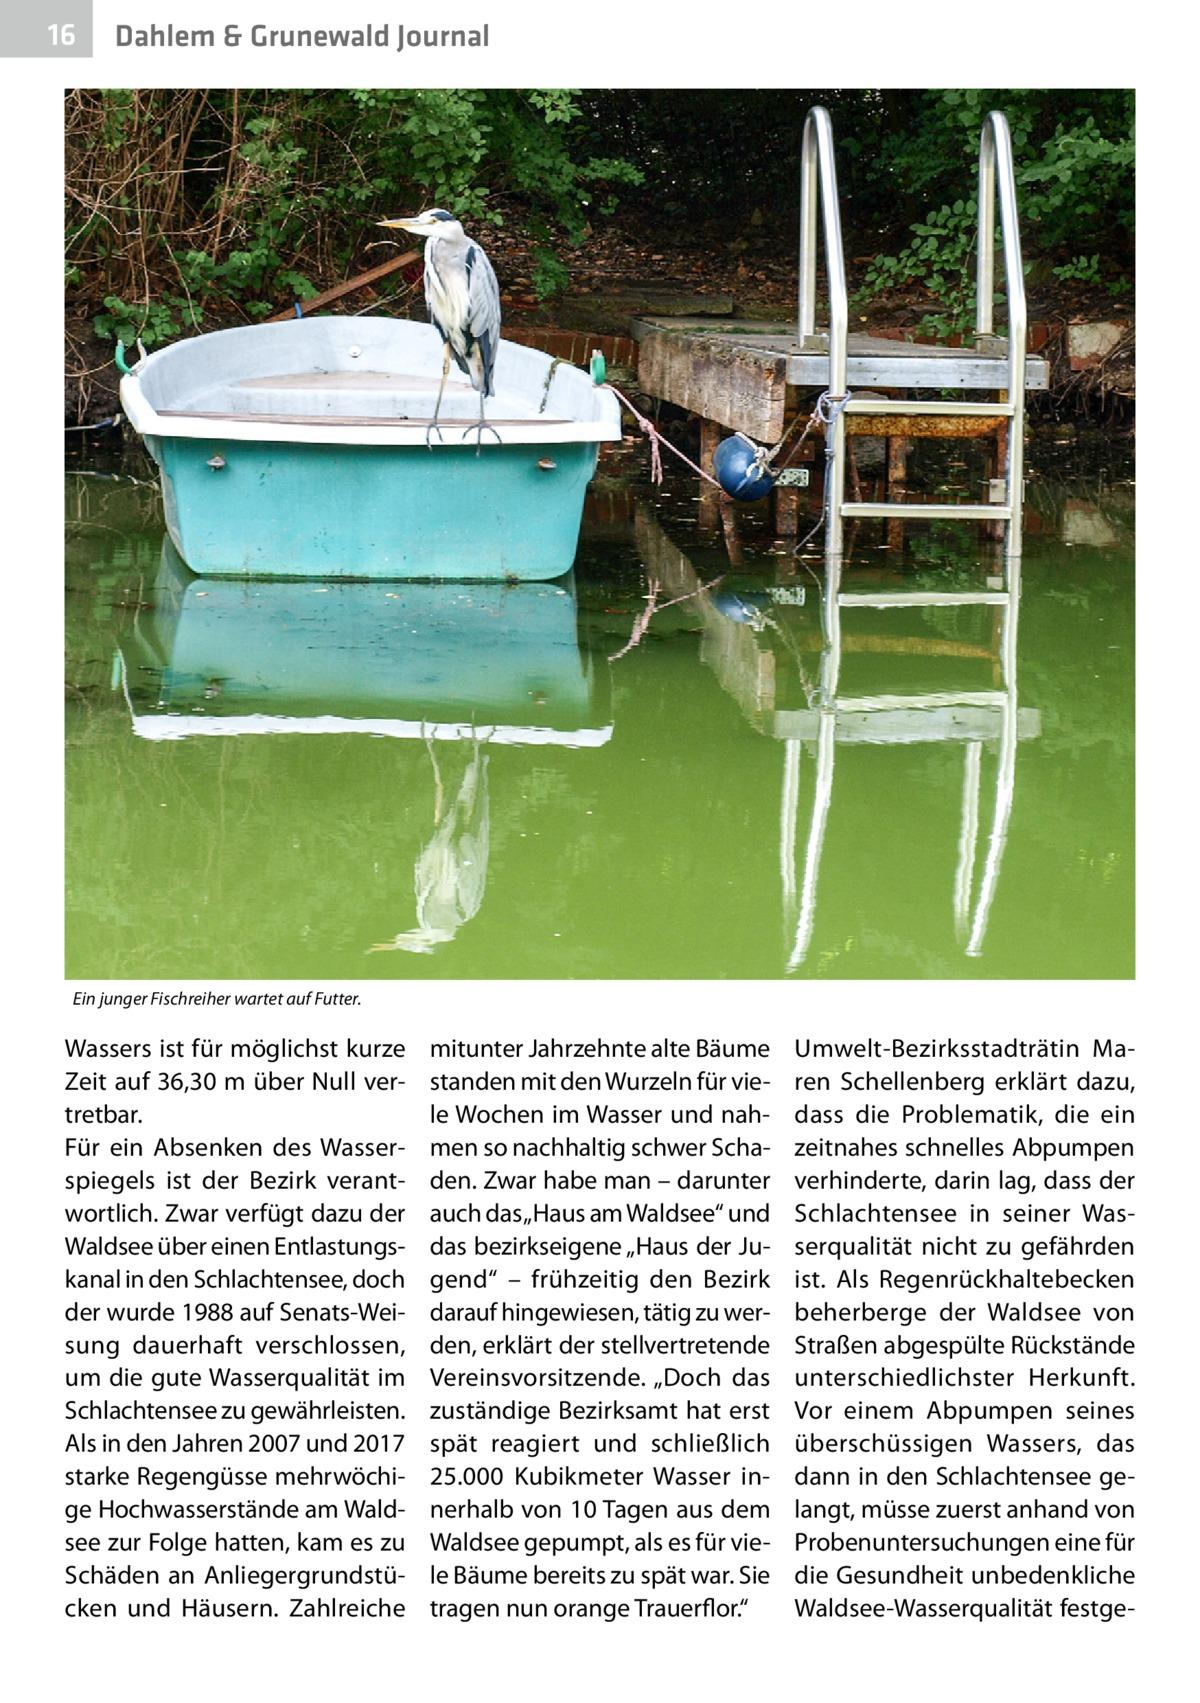 """16  Dahlem & Grunewald Journal  Ein junger Fischreiher wartet auf Futter.  Wassers ist für möglichst kurze Zeit auf 36,30m über Null vertretbar. Für ein Absenken des Wasserspiegels ist der Bezirk verantwortlich. Zwar verfügt dazu der Waldsee über einen Entlastungskanal in den Schlachtensee, doch der wurde 1988 auf Senats-Weisung dauerhaft verschlossen, um die gute Wasserqualität im Schlachtensee zu gewährleisten. Als in den Jahren 2007 und 2017 starke Regengüsse mehrwöchige Hochwasserstände am Waldsee zur Folge hatten, kam es zu Schäden an Anliegergrundstücken und Häusern. Zahlreiche  mitunter Jahrzehnte alte Bäume standen mit den Wurzeln für viele Wochen im Wasser und nahmen so nachhaltig schwer Schaden. Zwar habe man – darunter auch das """"Haus am Waldsee"""" und das bezirkseigene """"Haus der Jugend"""" – frühzeitig den Bezirk darauf hingewiesen, tätig zu werden, erklärt der stellvertretende Vereinsvorsitzende. """"Doch das zuständige Bezirksamt hat erst spät reagiert und schließlich 25.000 Kubikmeter Wasser innerhalb von 10 Tagen aus dem Waldsee gepumpt, als es für viele Bäume bereits zu spät war. Sie tragen nun orange Trauerflor.""""  Umwelt-Bezirksstadträtin Maren Schellenberg erklärt dazu, dass die Problematik, die ein zeitnahes schnelles Abpumpen verhinderte, darin lag, dass der Schlachtensee in seiner Wasserqualität nicht zu gefährden ist. Als Regenrückhaltebecken beherberge der Waldsee von Straßen abgespülte Rückstände unterschiedlichster Herkunft. Vor einem Abpumpen seines überschüssigen Wassers, das dann in den Schlachtensee gelangt, müsse zuerst anhand von Probenuntersuchungen eine für die Gesundheit unbedenkliche Waldsee-Wasserqualität festg"""